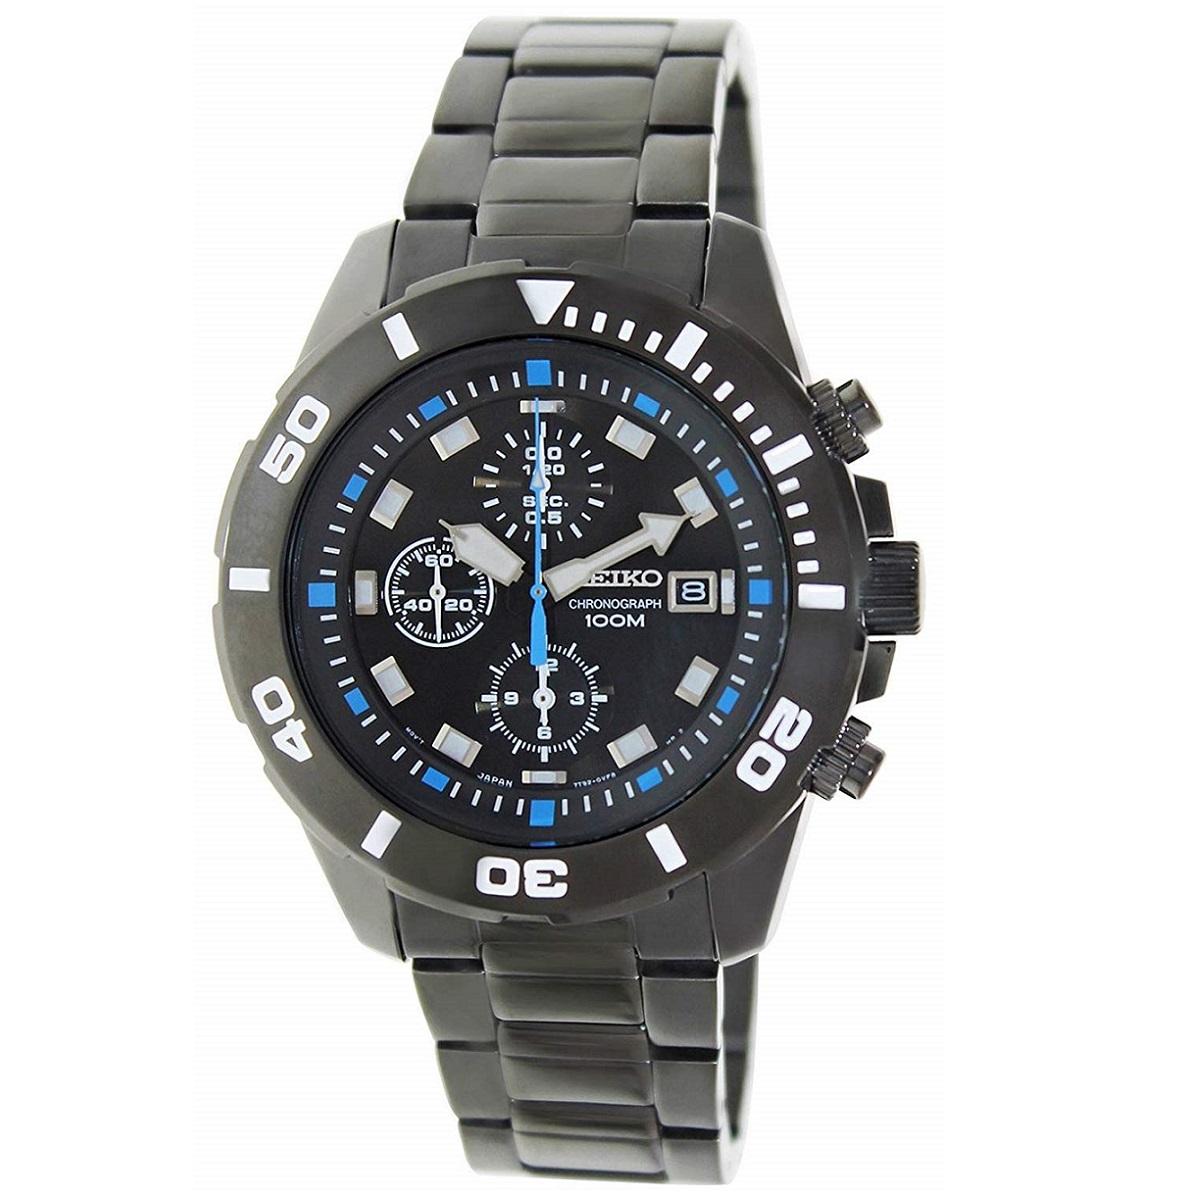 ساعت مچی عقربه ای مردانه سیکو مدل   SNDE01P1 43